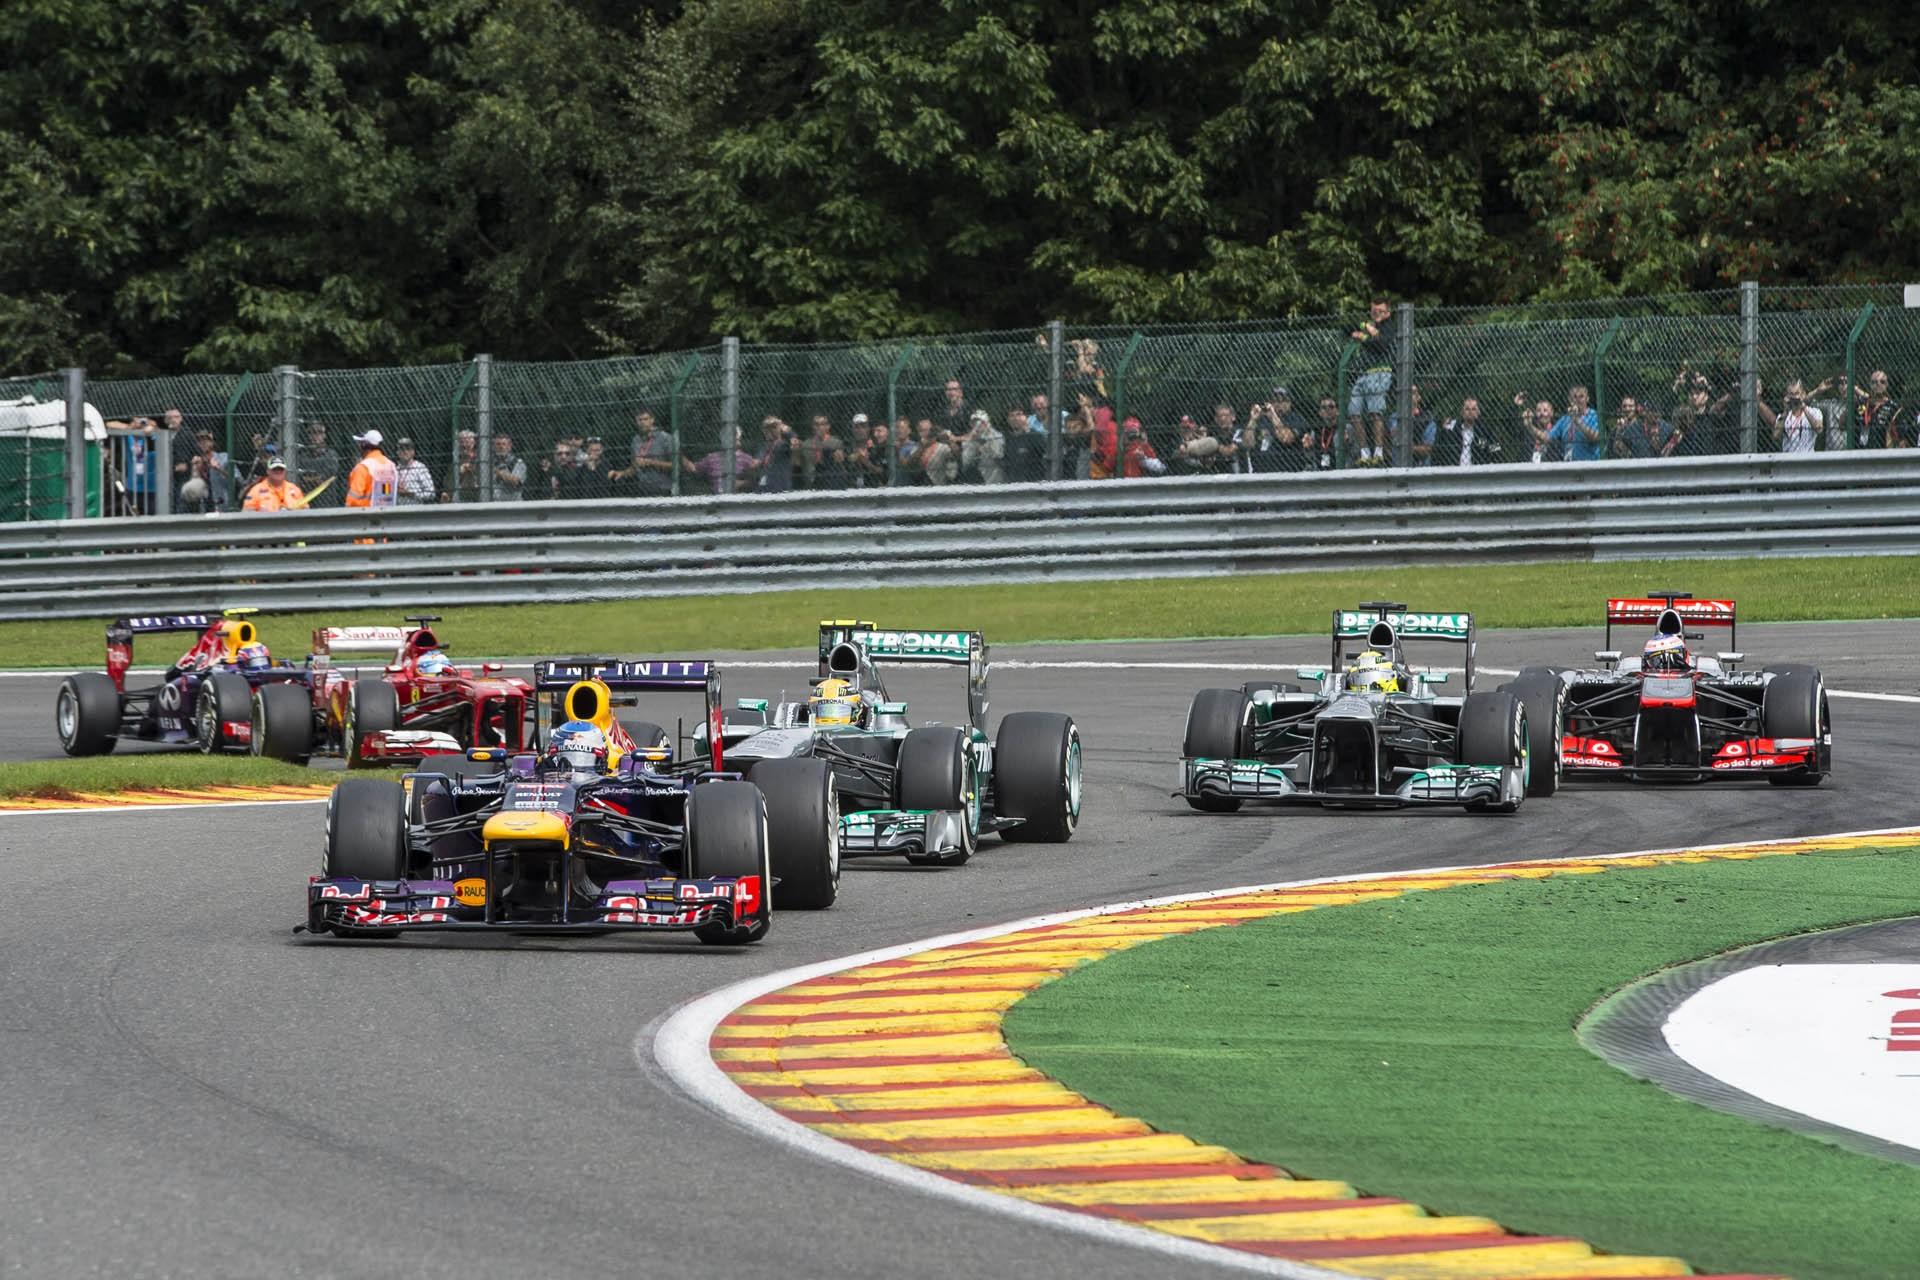 Grand-Prix der F1